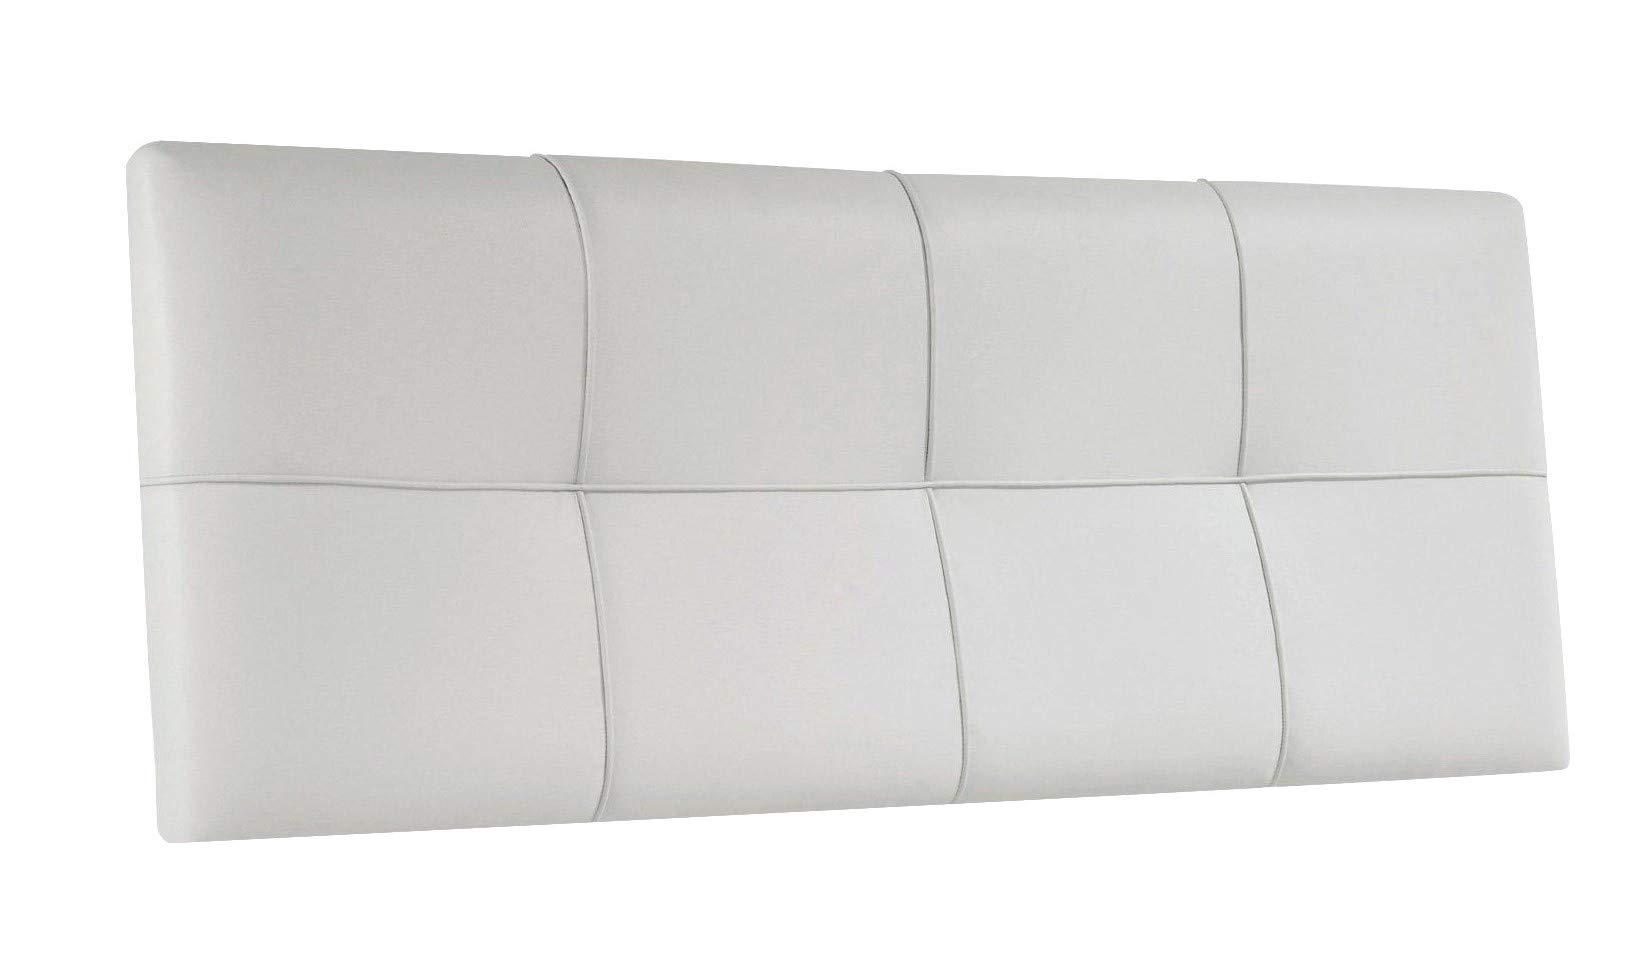 SUENOSZZZ - Cabecero Tapizado Squa Piel Sintetica 145 x 57 cm, Color Blanco. Camas